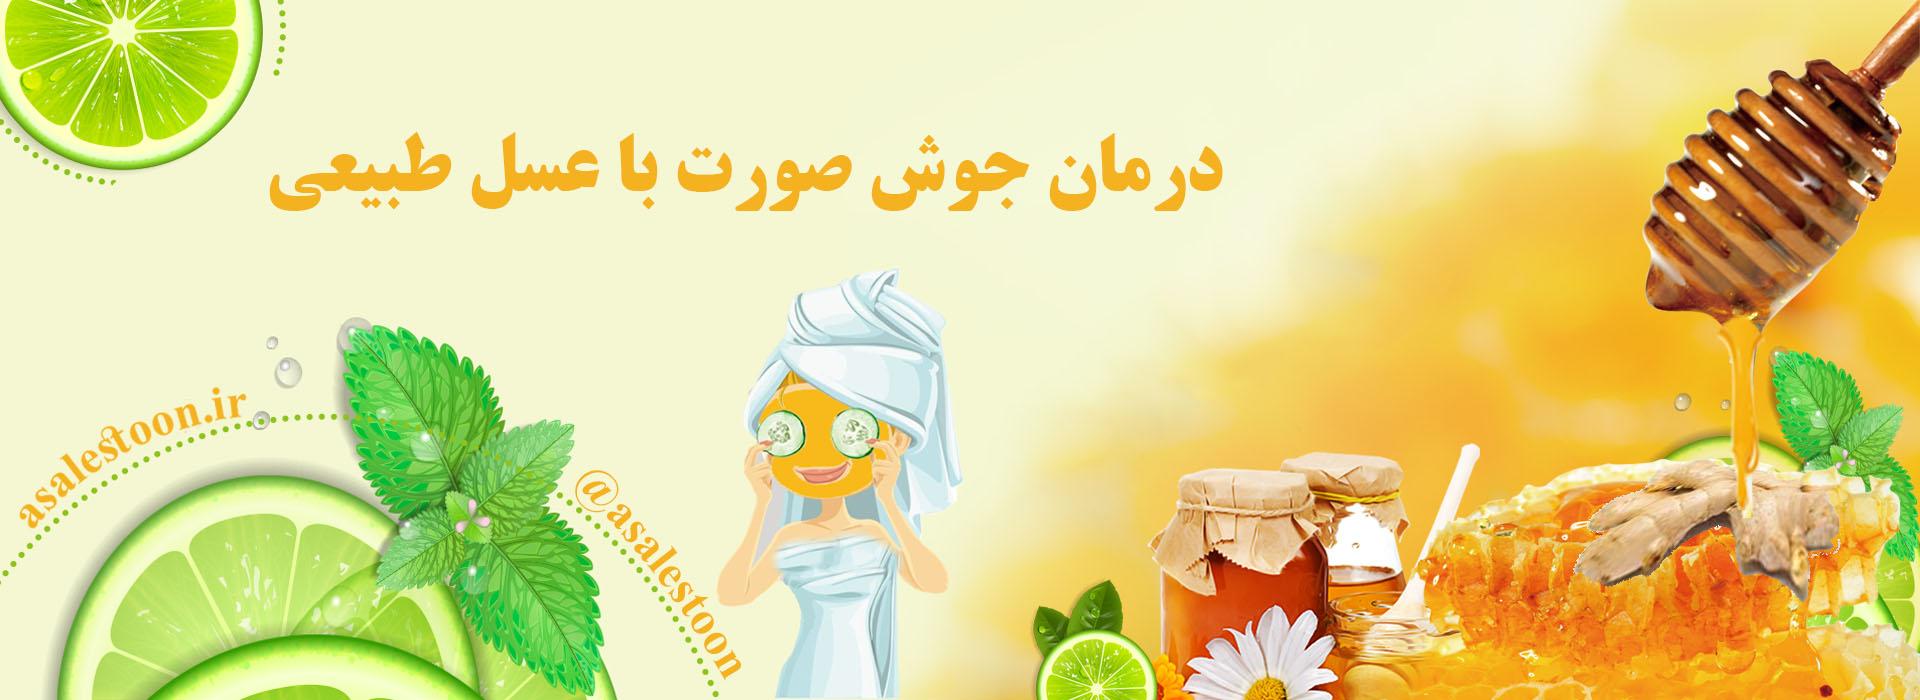 ماسک عسل برای جوش صورت و درمان خانگی آکنه